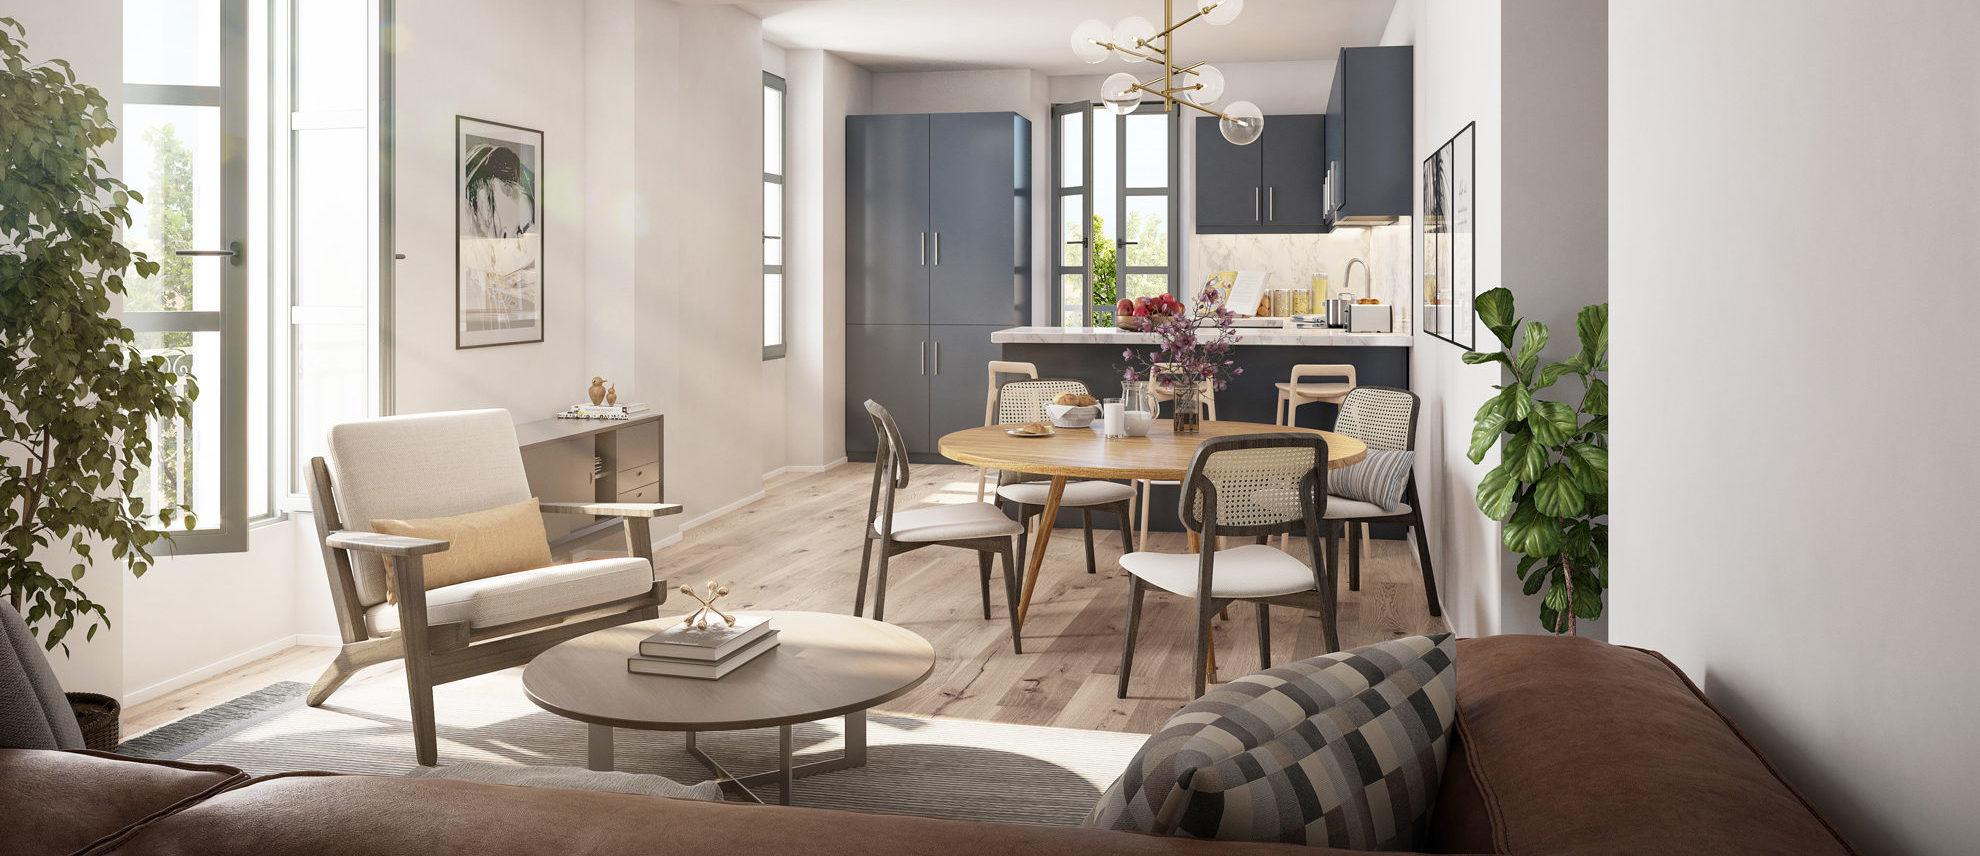 Investir à Salon-de-Provence en déficit foncier ou Pinel optimisé avec